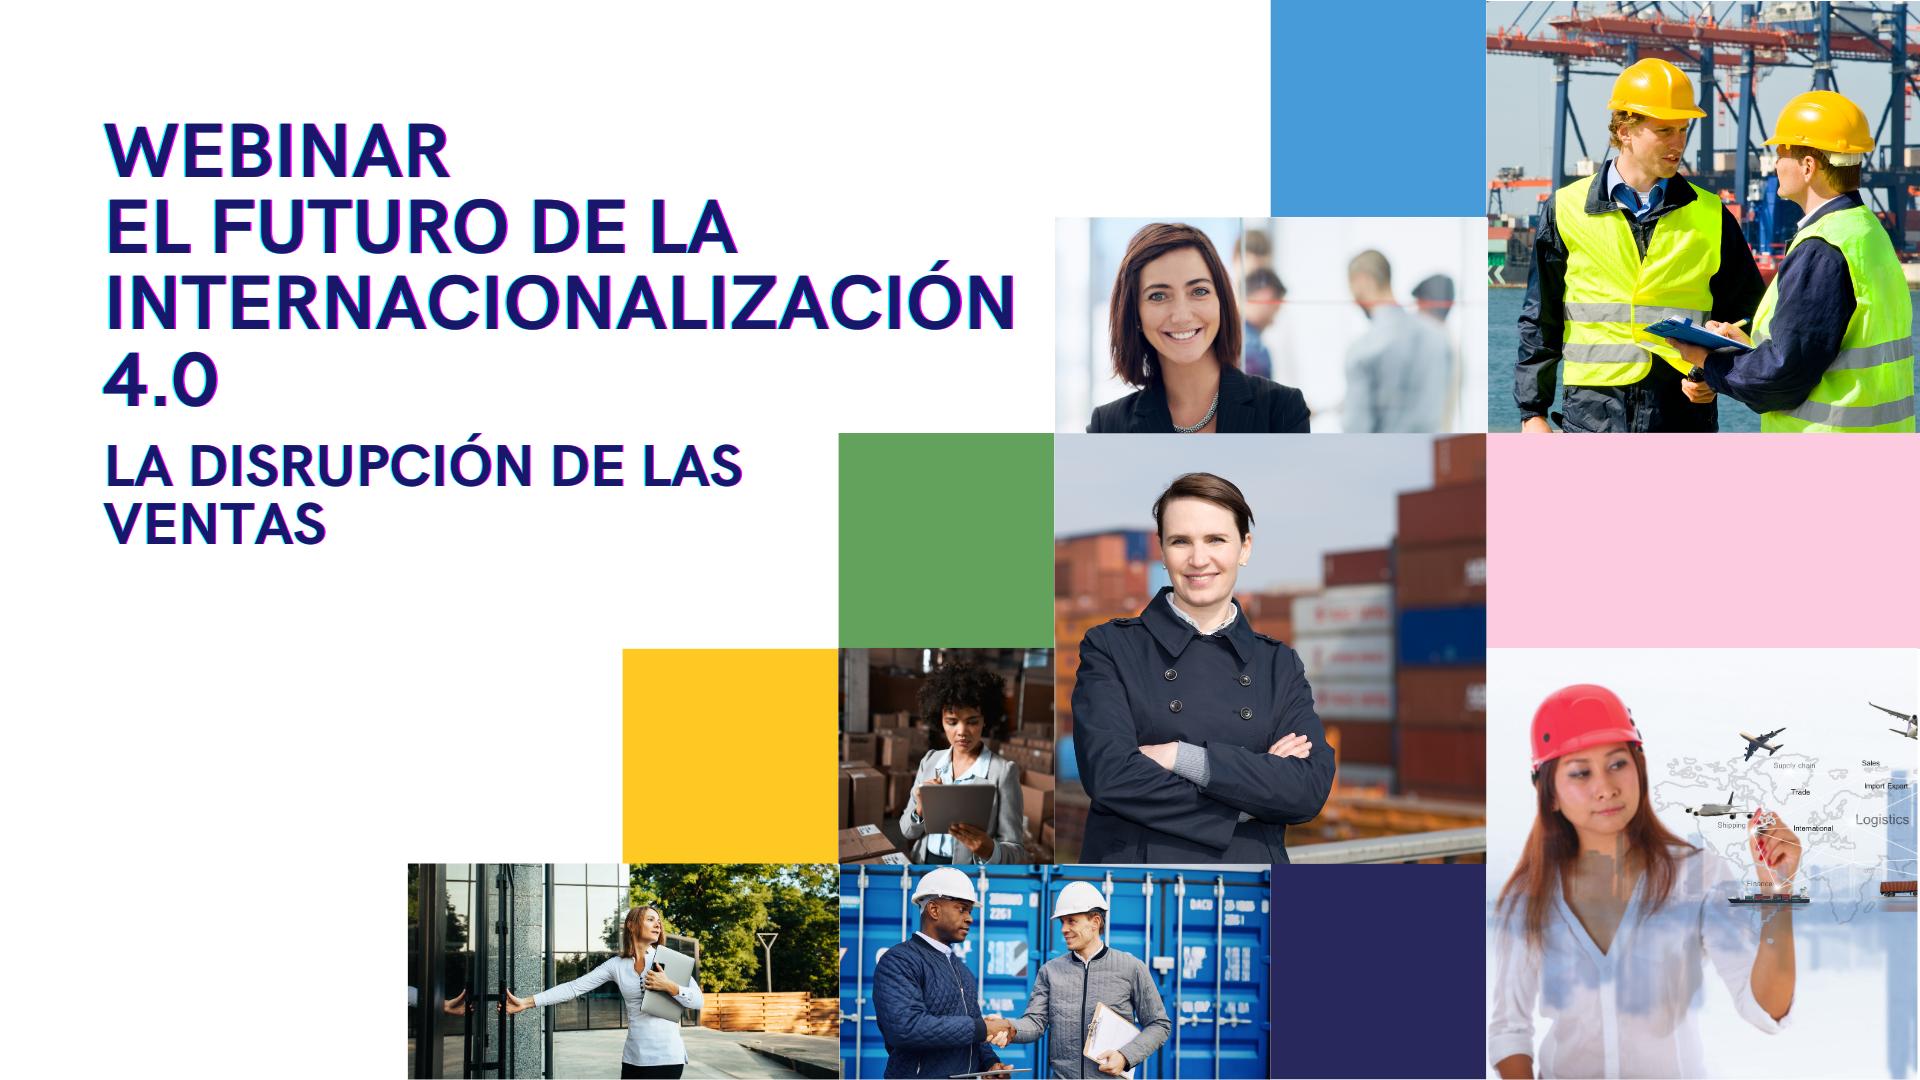 Webinar Internacionalización 4.0 - Webinar Internacionalización 4.0 - La disrupción de las ventas